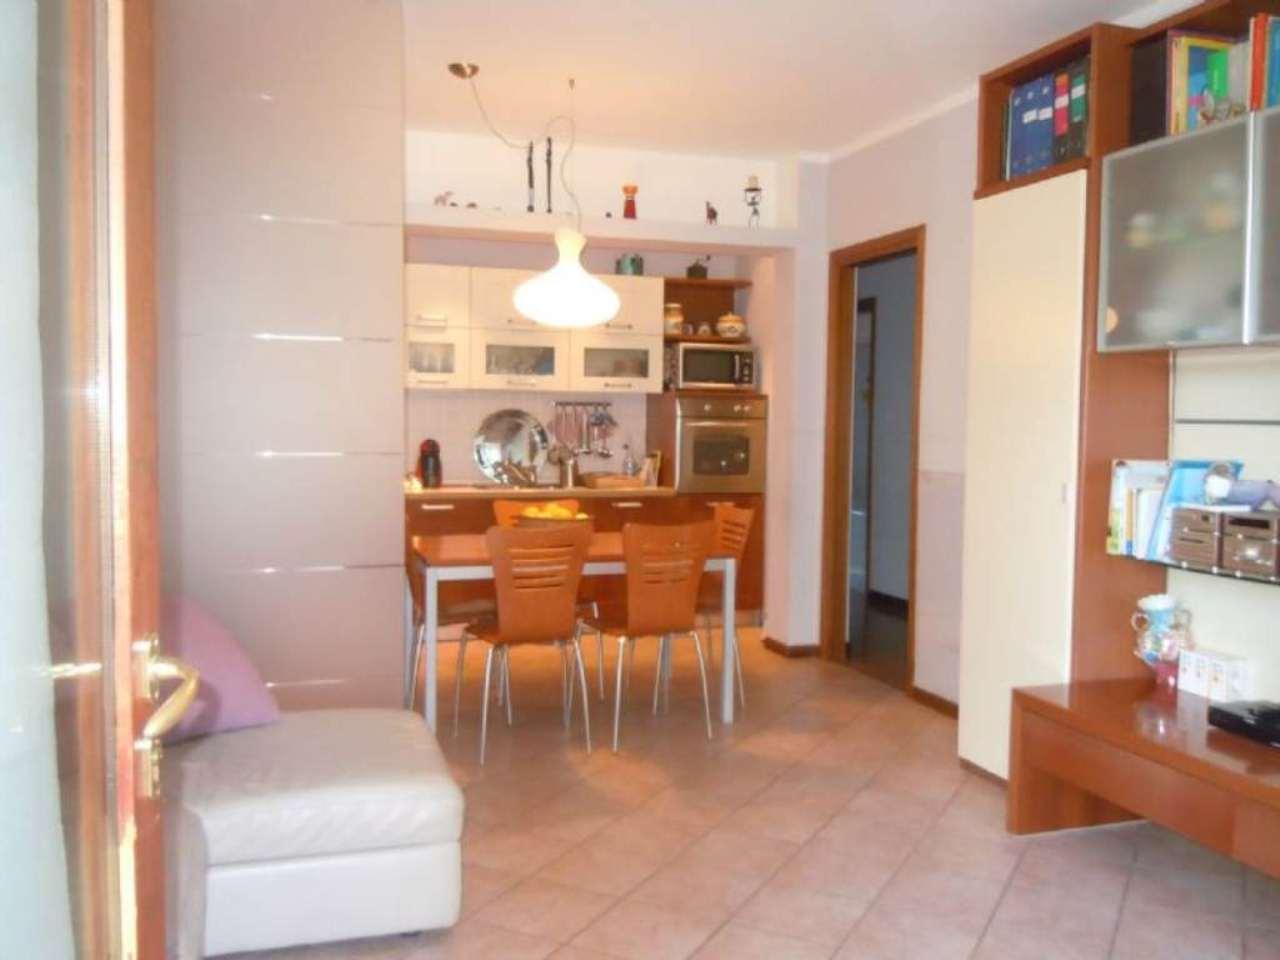 Appartamento in vendita a Resana, 3 locali, prezzo € 95.000 | CambioCasa.it